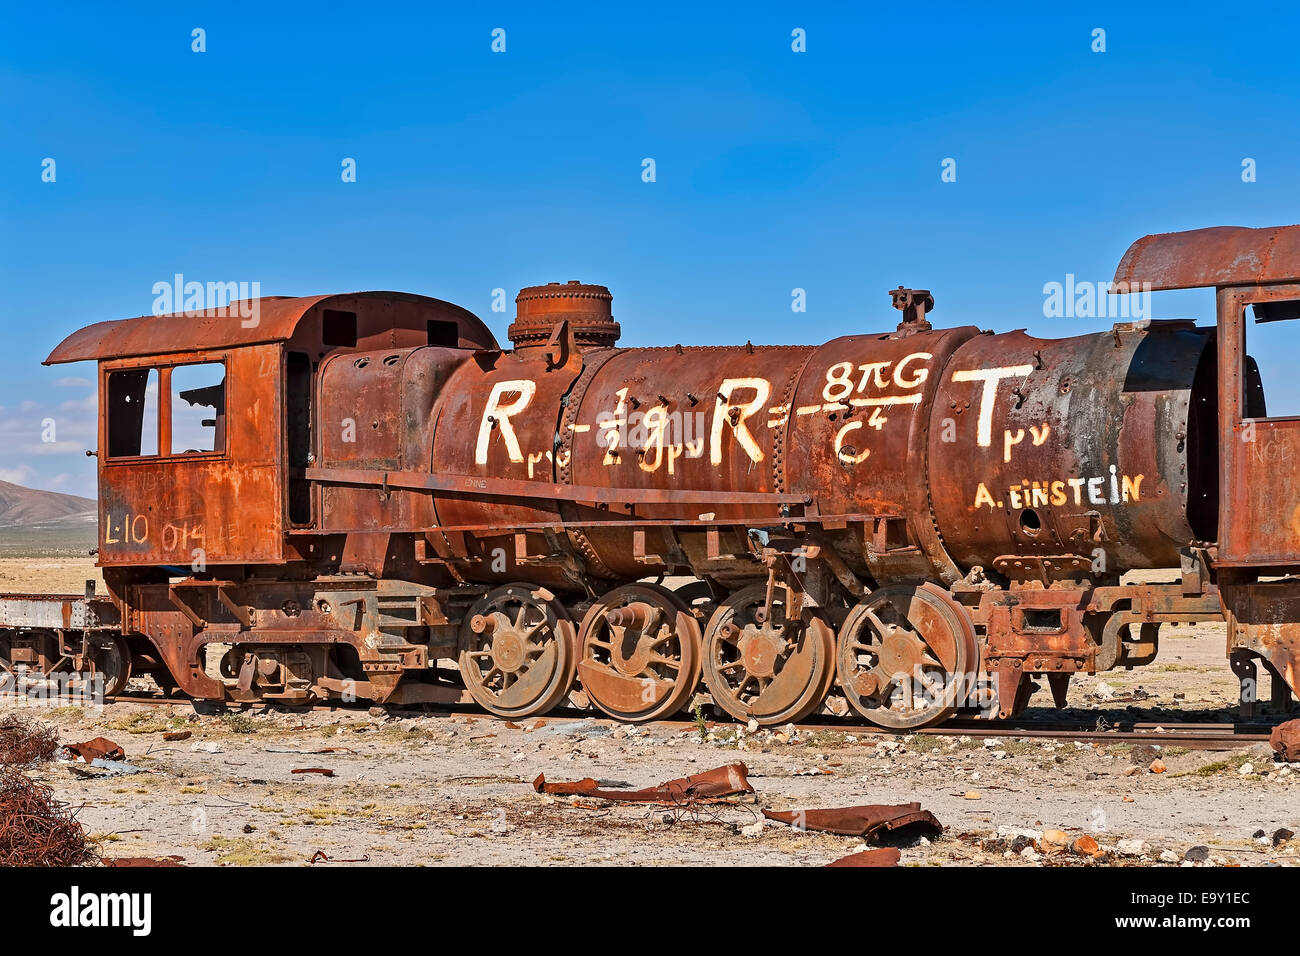 Tren antiguo cementerio de trenes en el Cementerio de los trenes, Uyuni, BoliviaFoto de stock